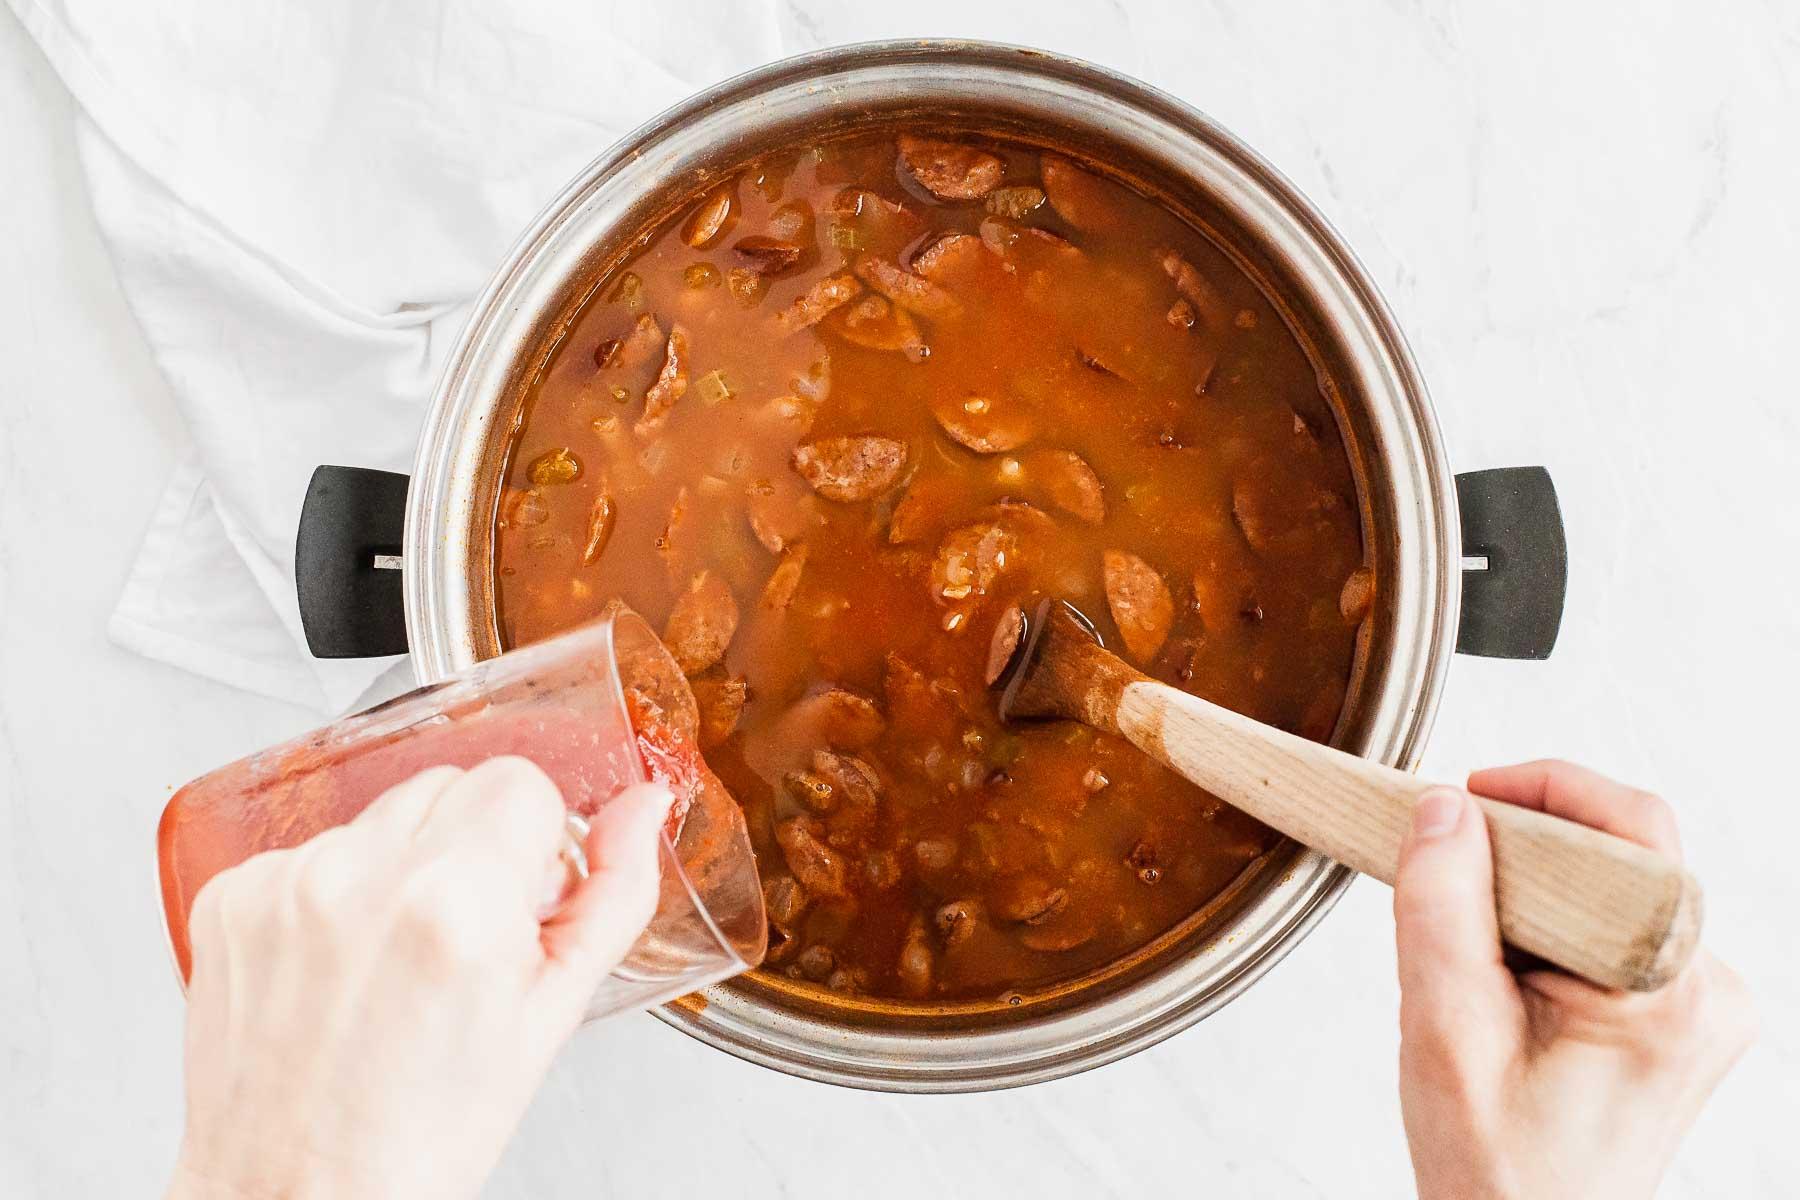 Pouring tomato puree into a soup pot.